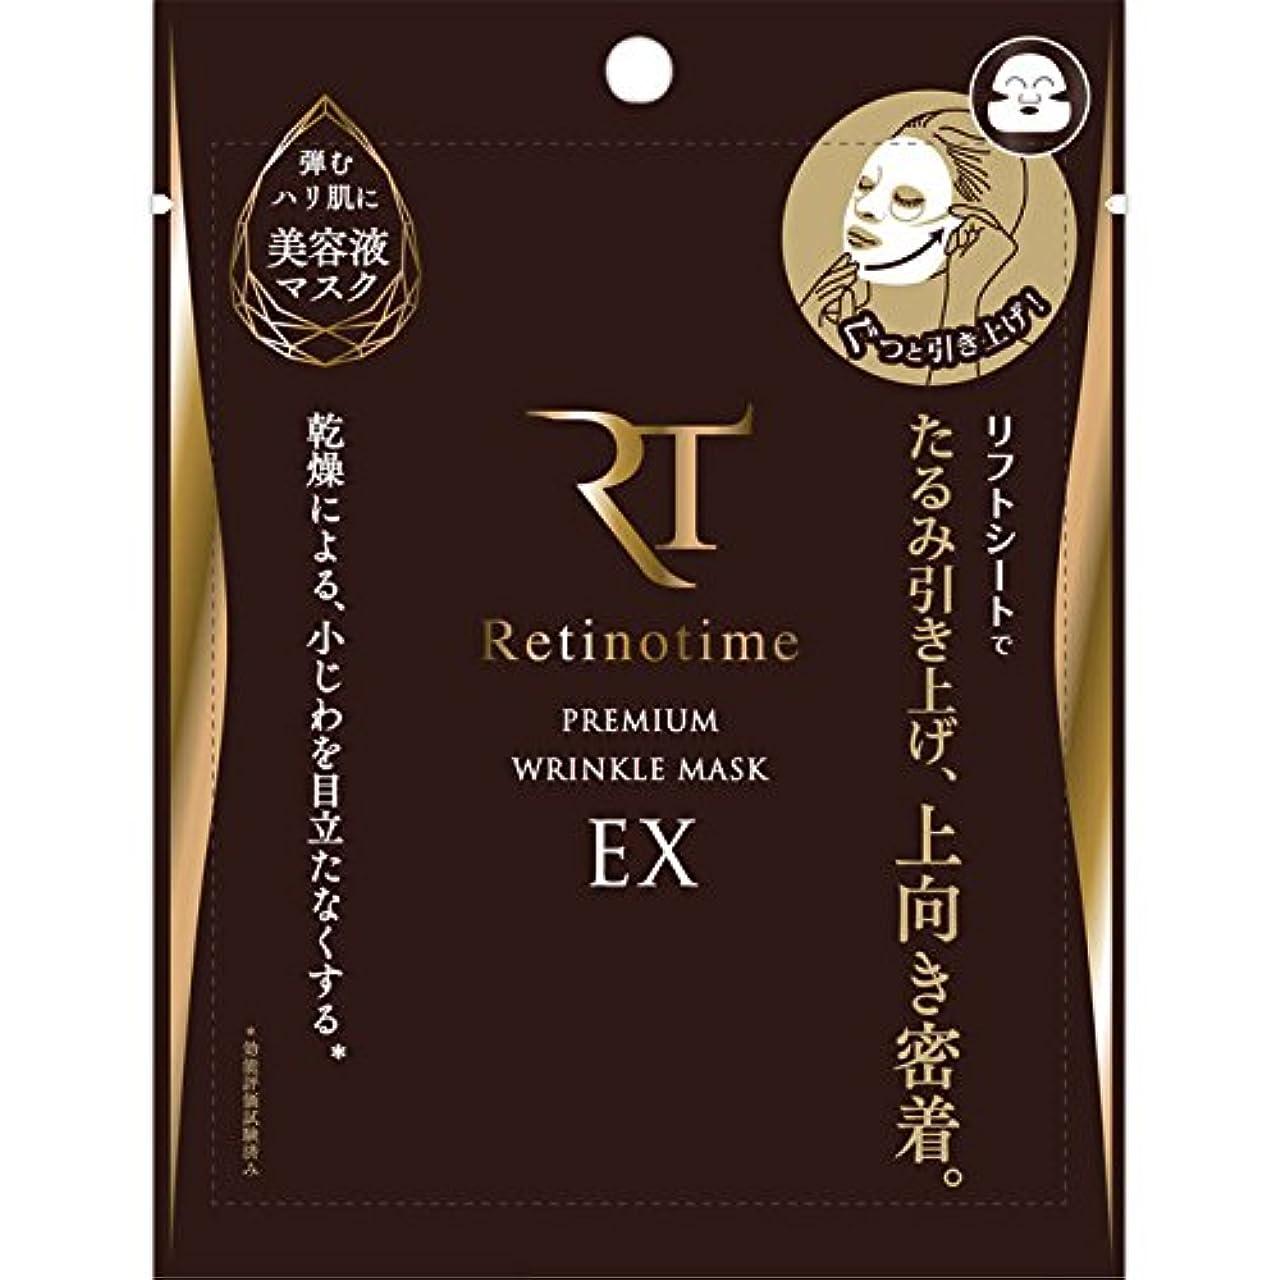 主流物思いにふける勧告レチノタイム プレミアムリンクルマスク EX 1枚【26ml】